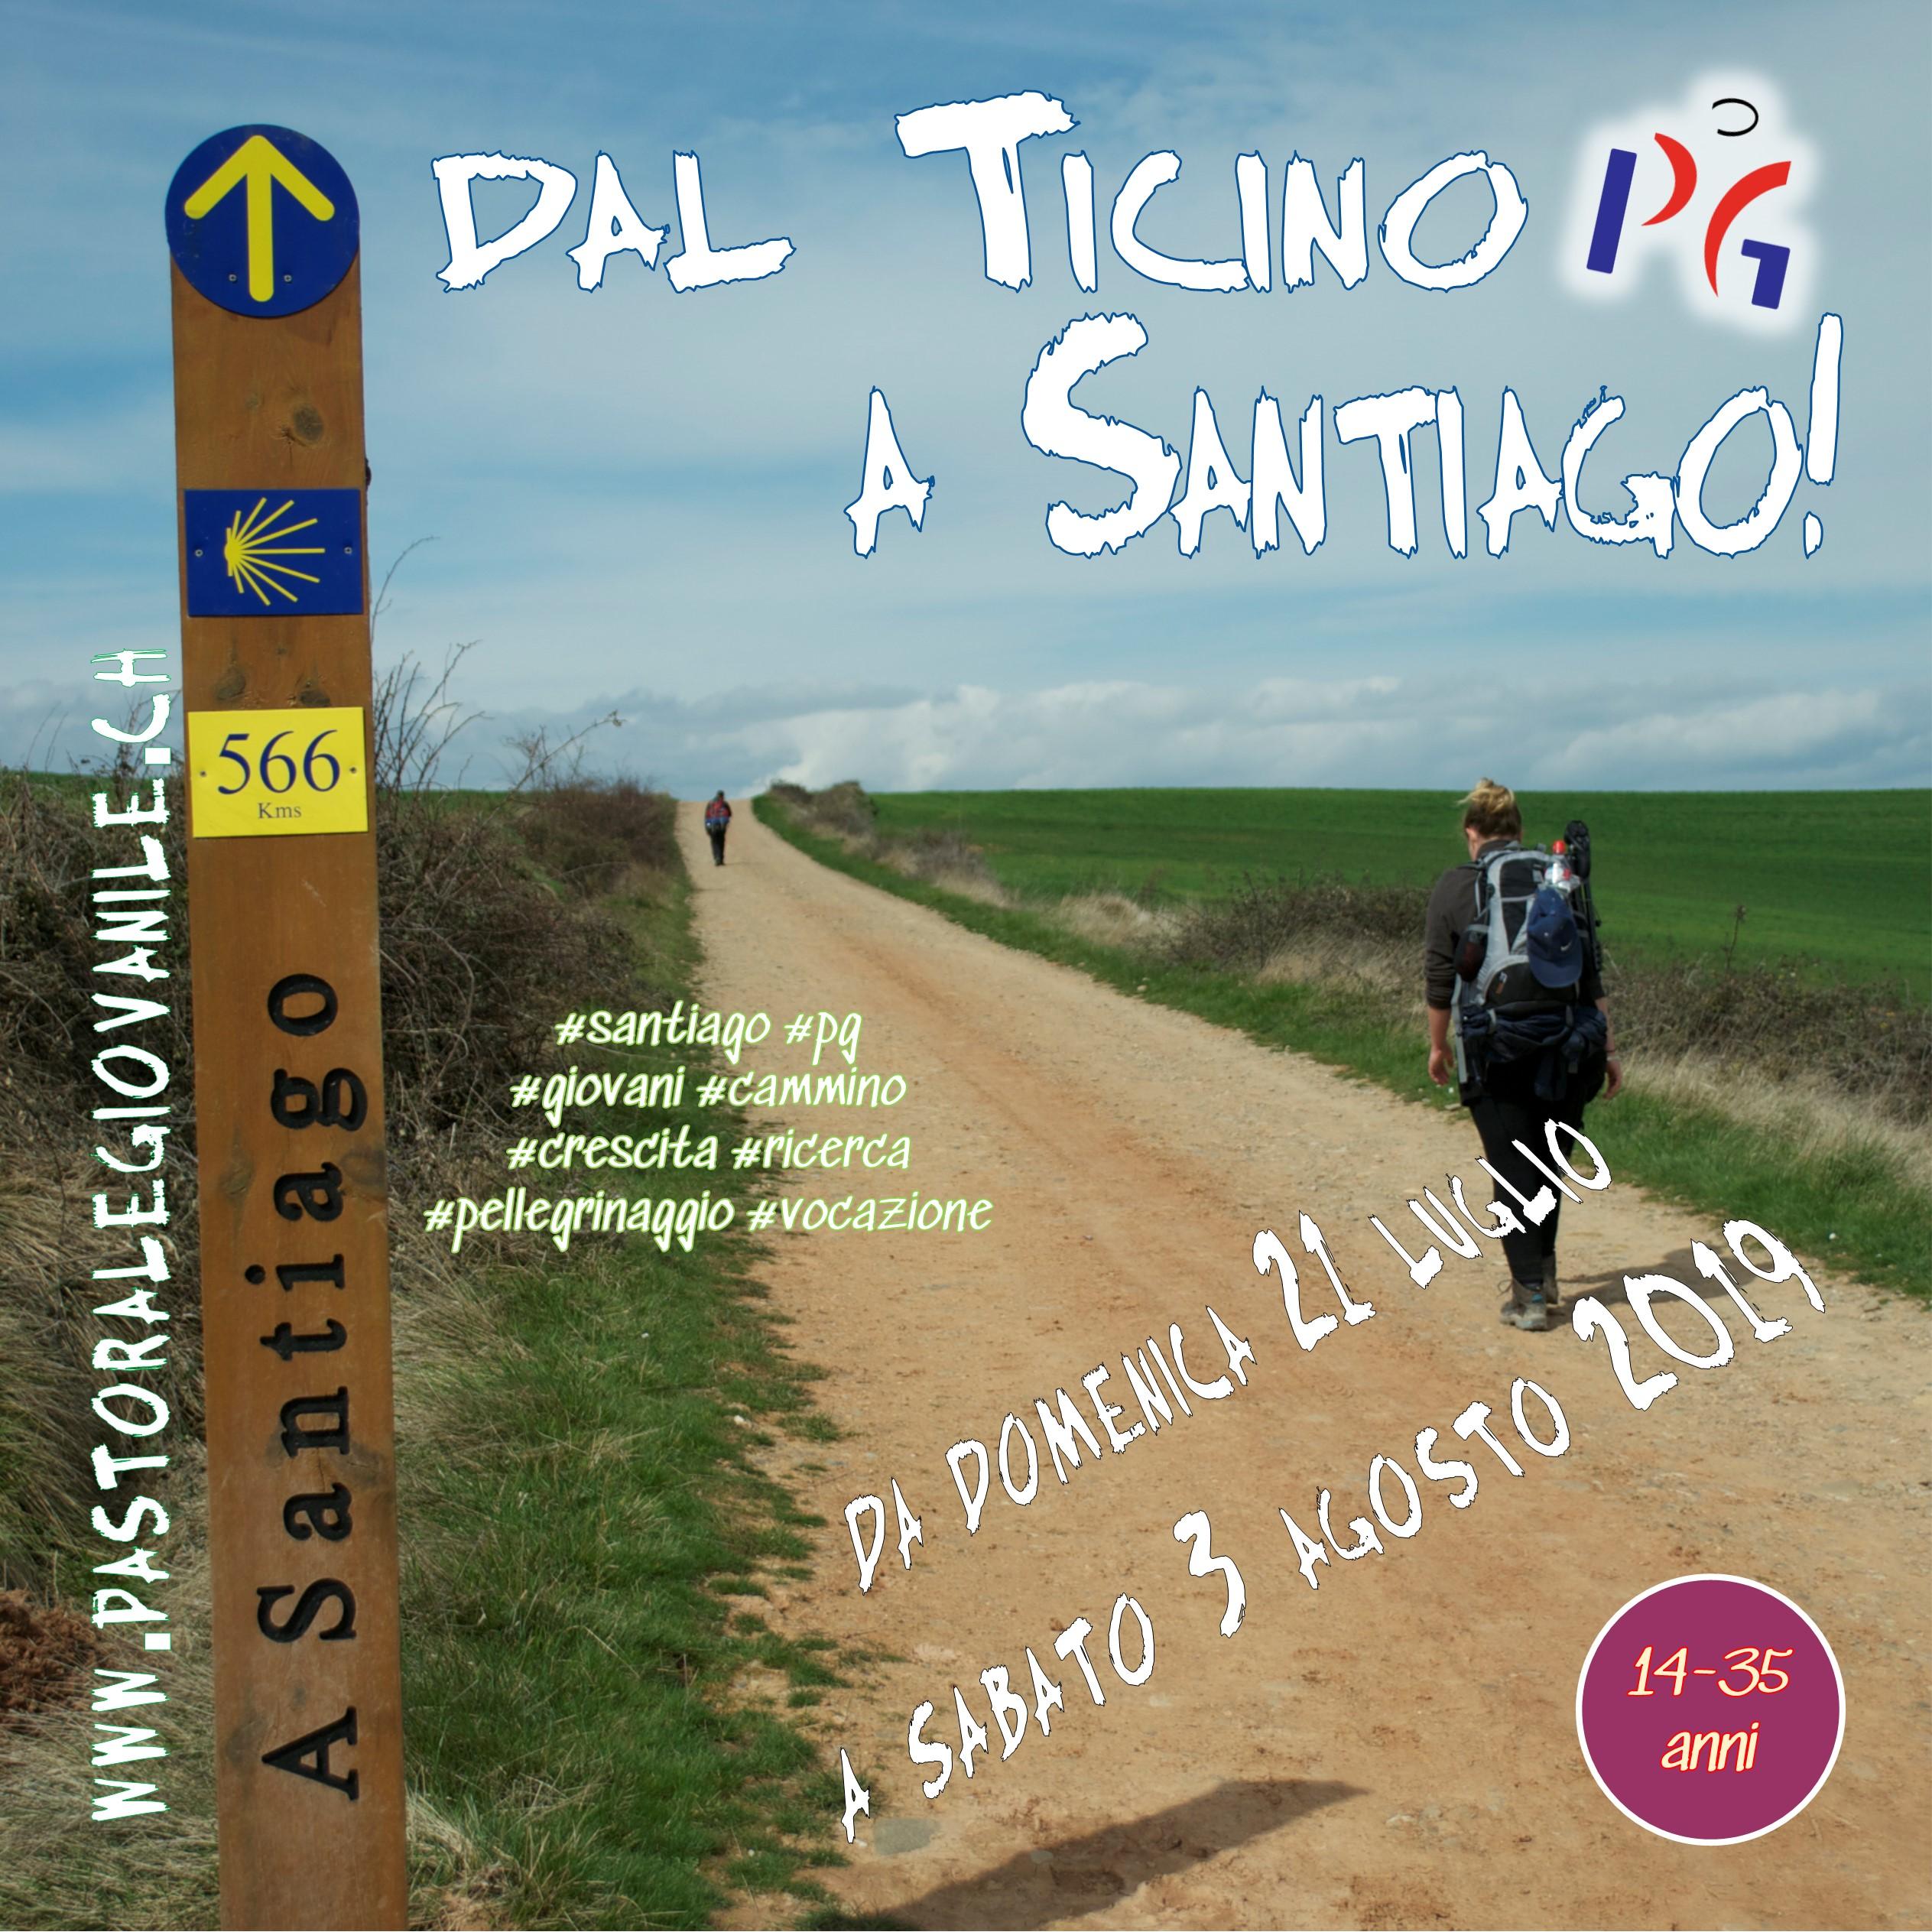 20181120 - volantino 21x21 cammino santiago - estate 2019 - F